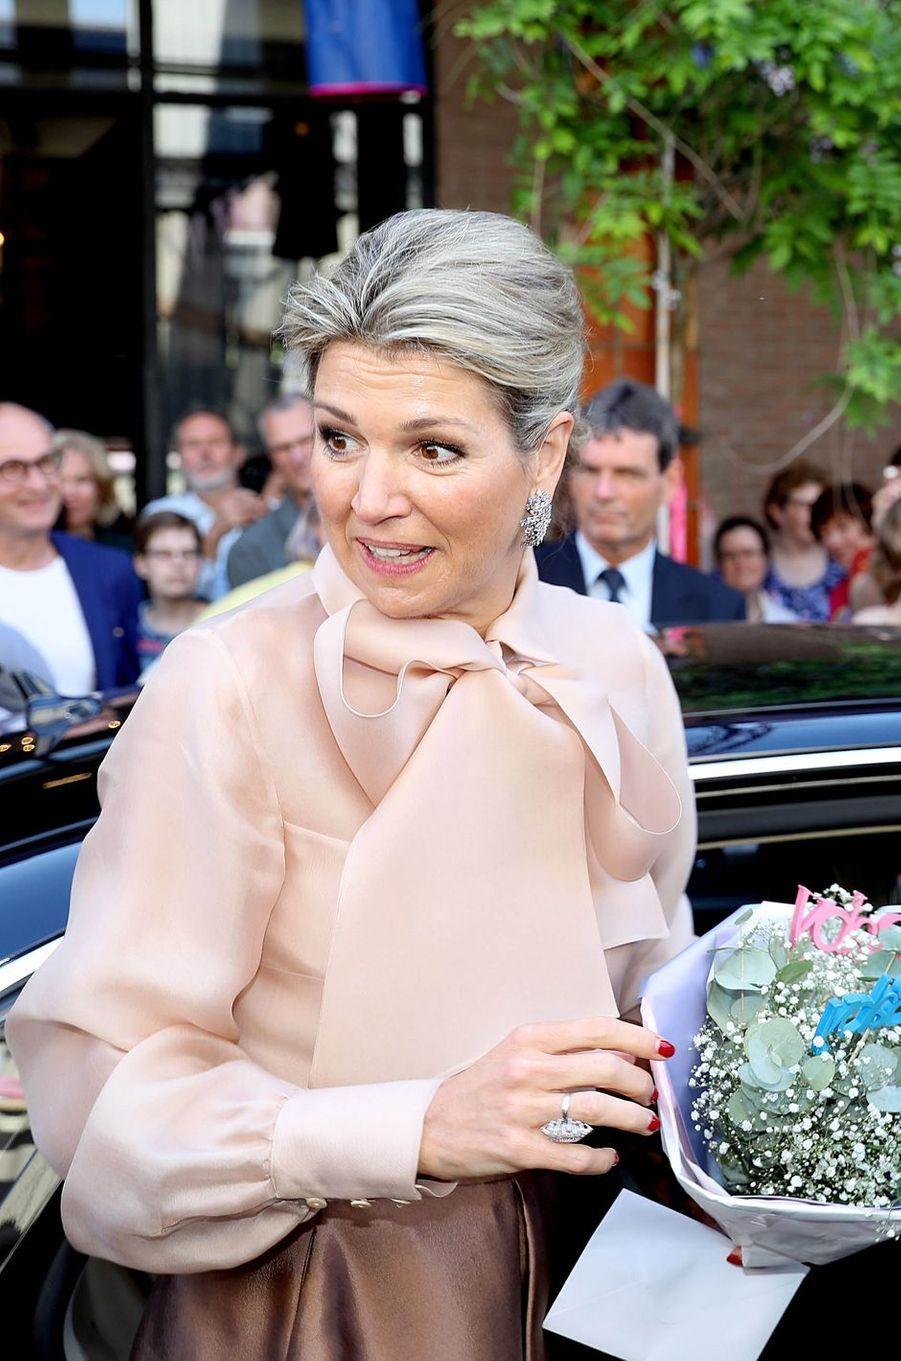 La reine Maxima des Pays-Bas à 's-Hertogenbosch, le 15 mai 2018